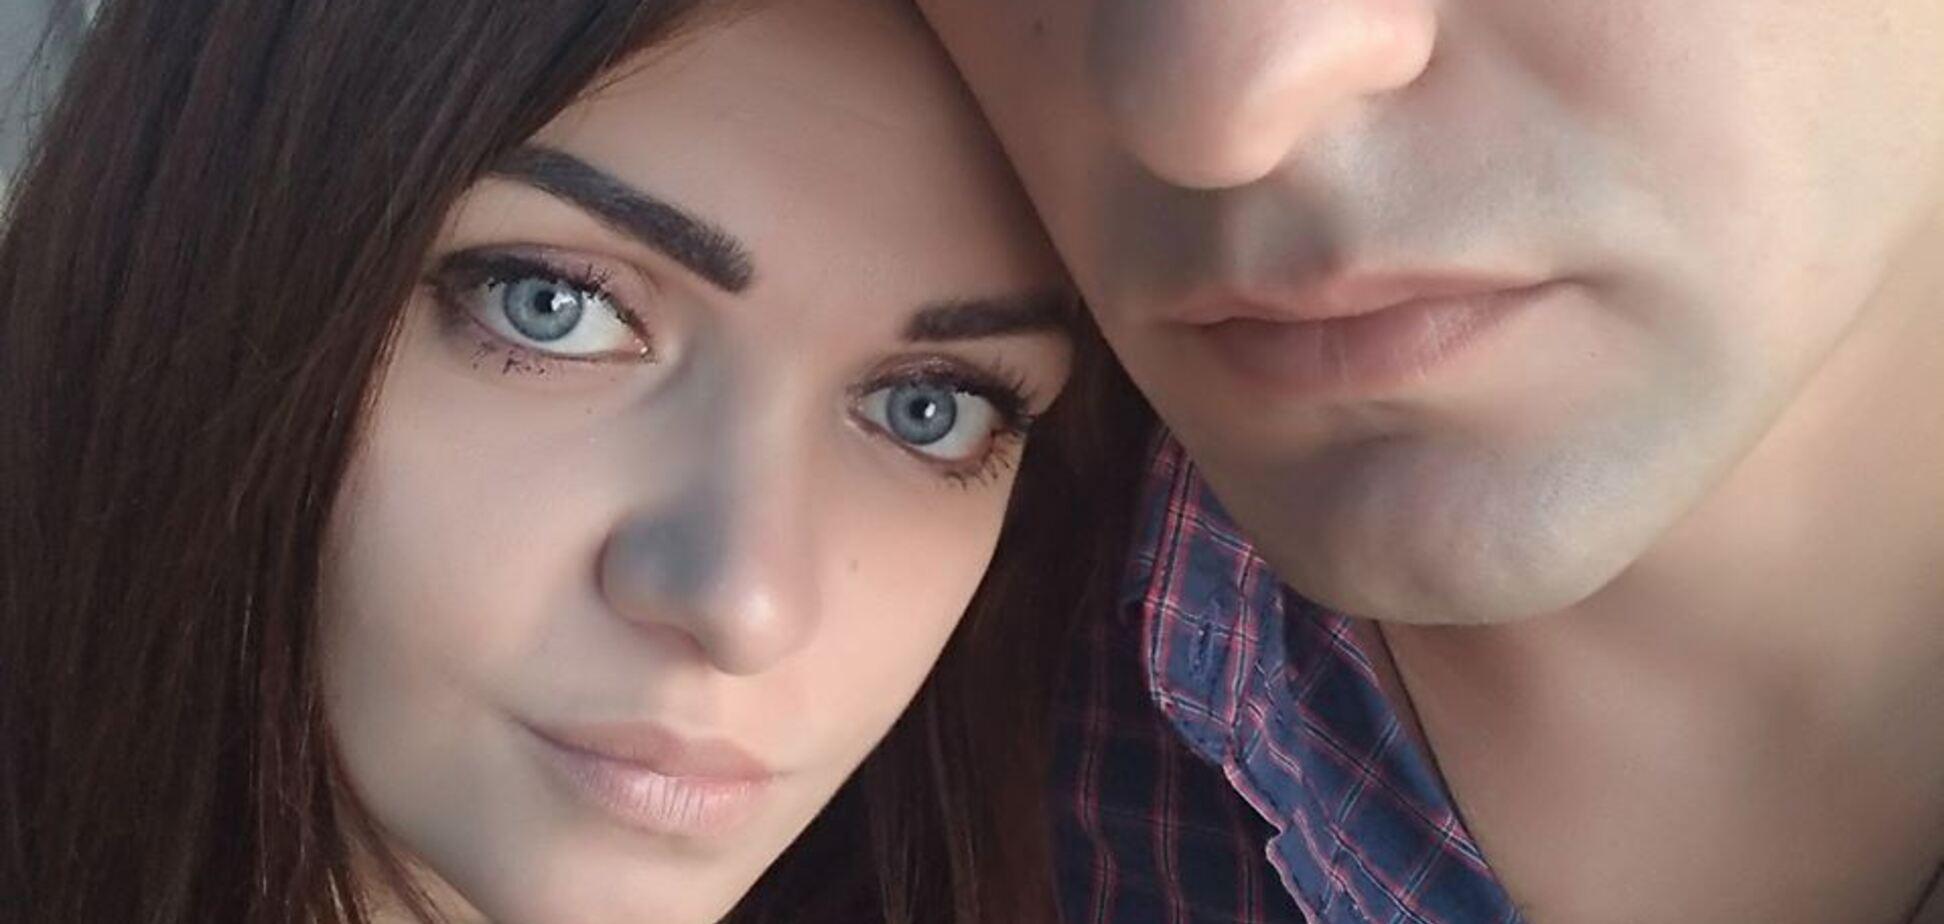 Убили мать на глазах у сына: всплыли детали жуткой семейной трагедии в Бердянске